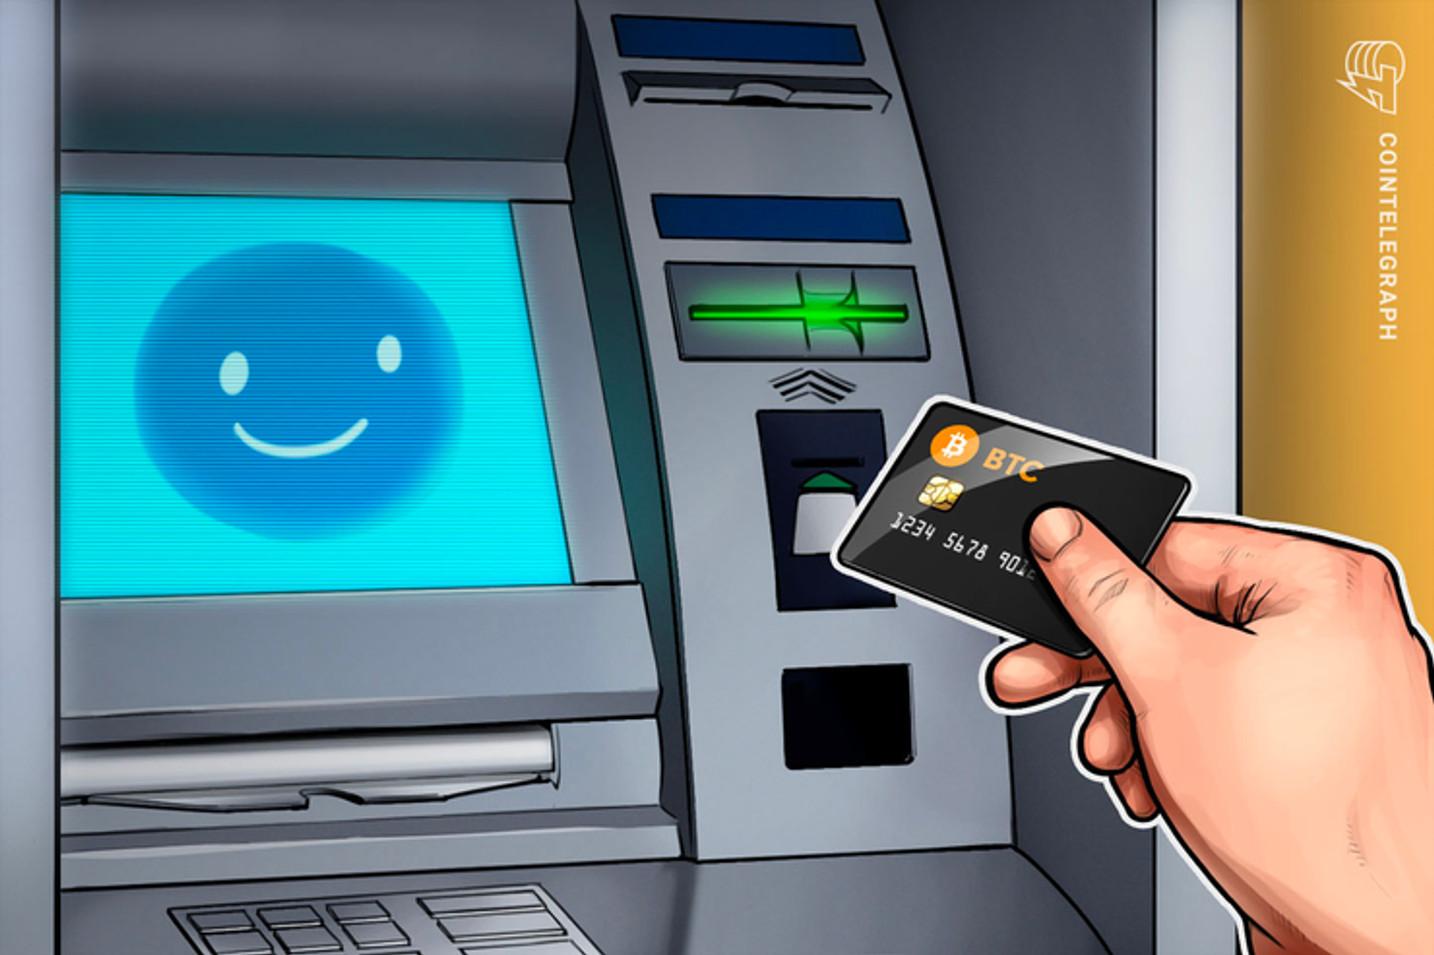 Dinheiro físico na rede banco 24h agora usa tecnologia do Bitcoin